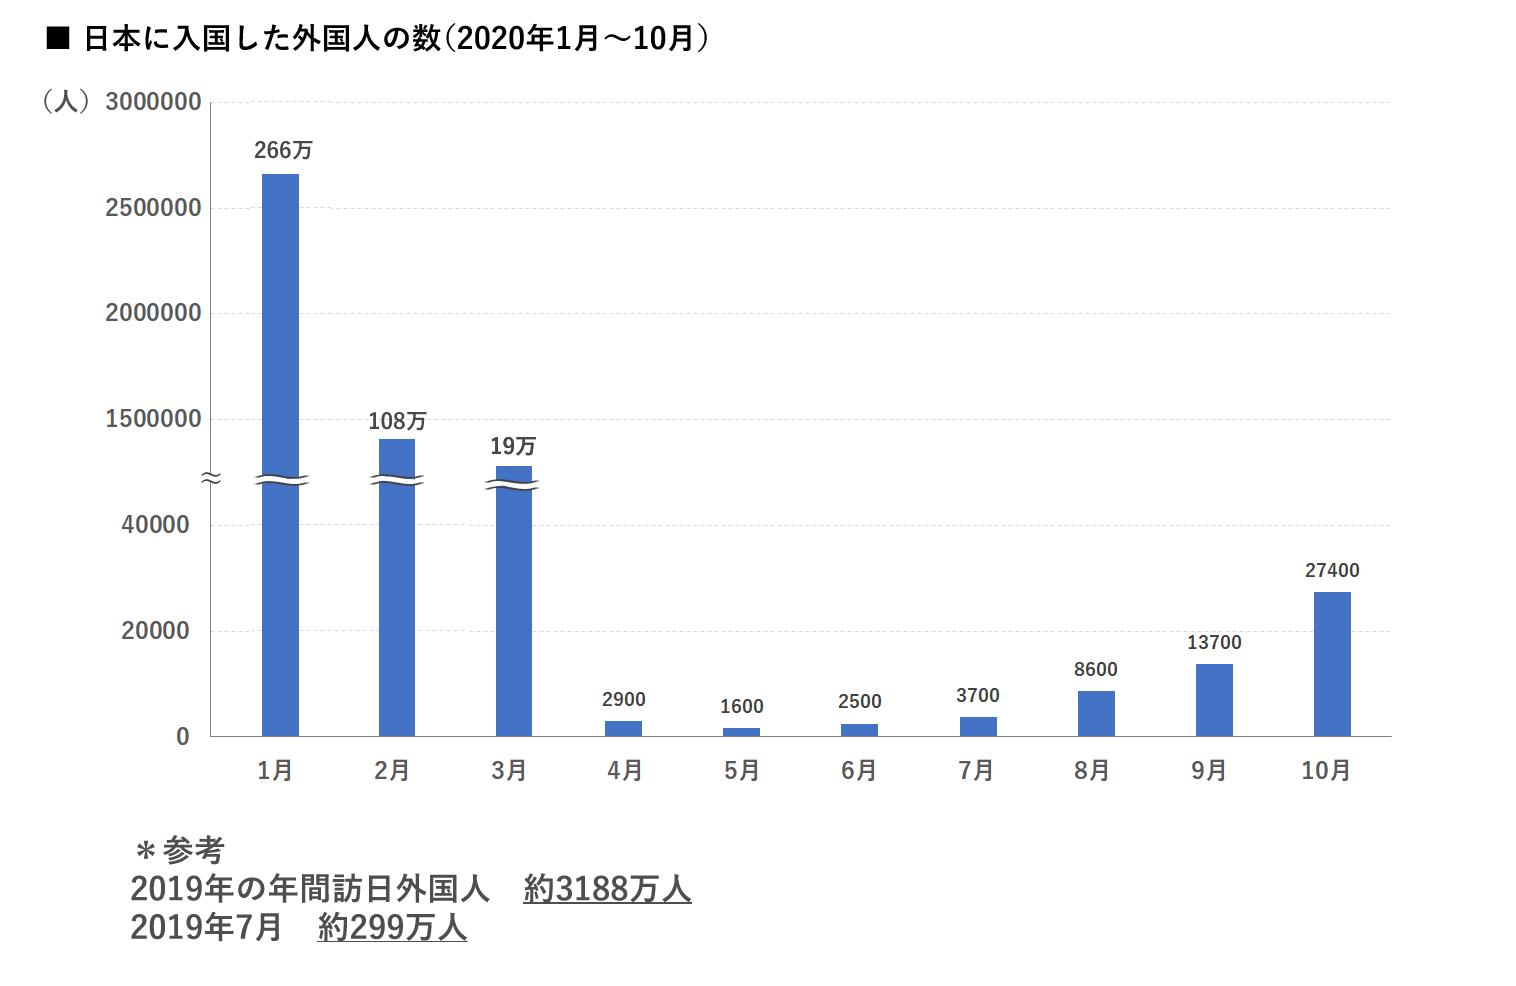 日本に入国した外国人の数 グラフ